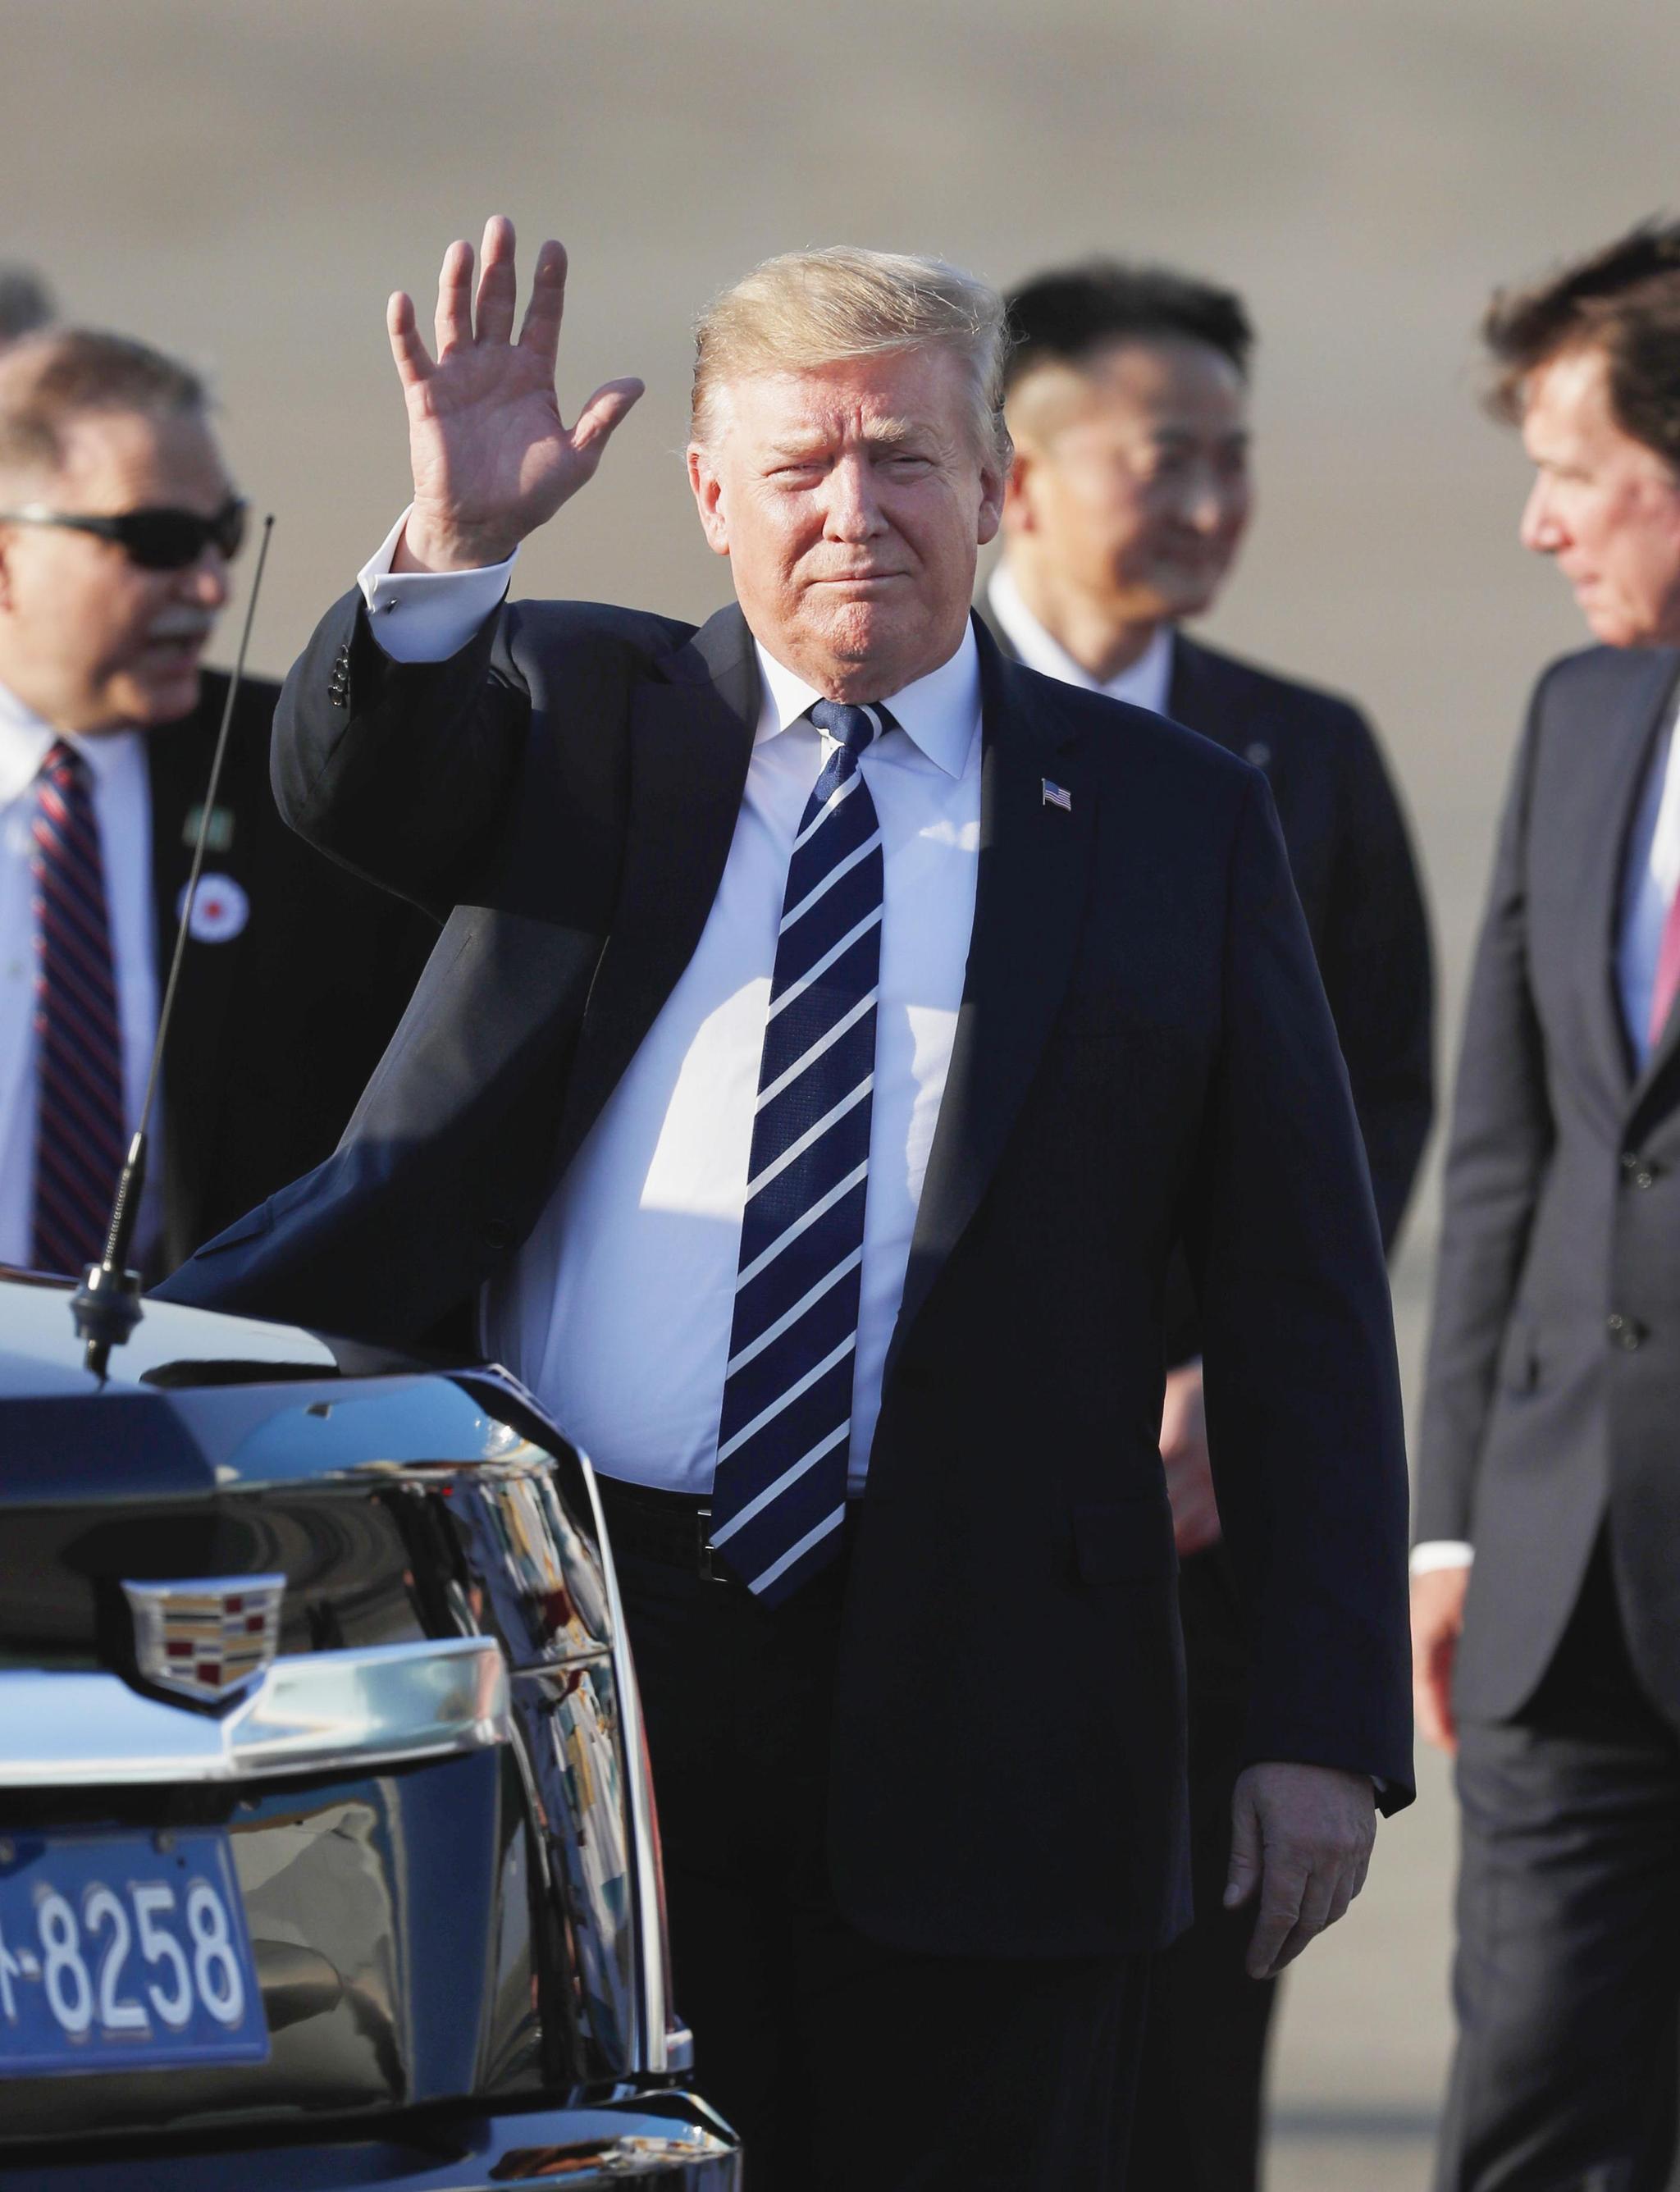 트럼프, 도쿄 도착…아베와 11번째 정상회담·5번째 골프